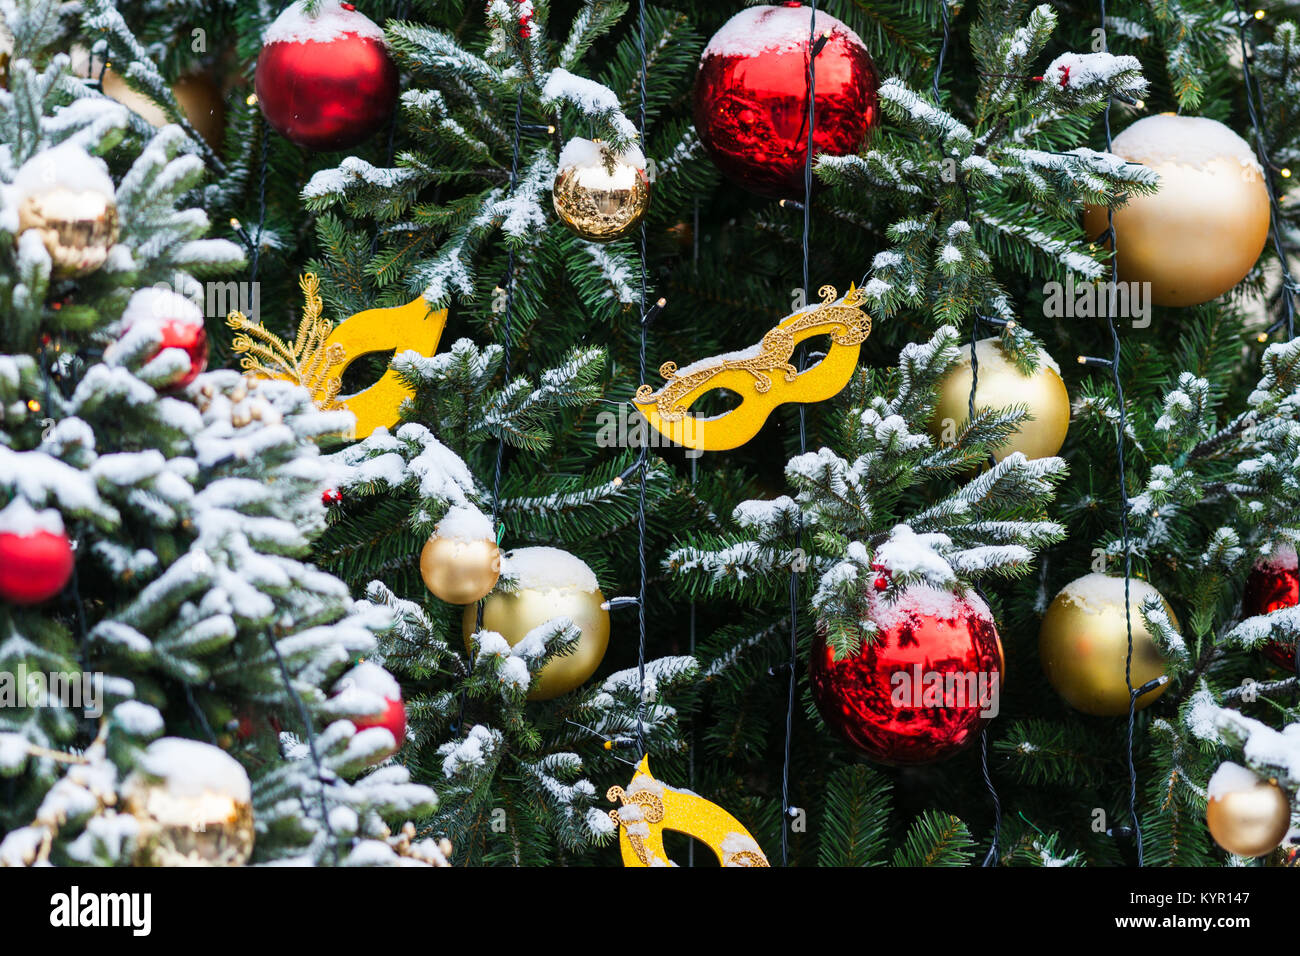 Albero Natale Decorato Rosso coperta di neve albero di natale decorato con il rosso e il